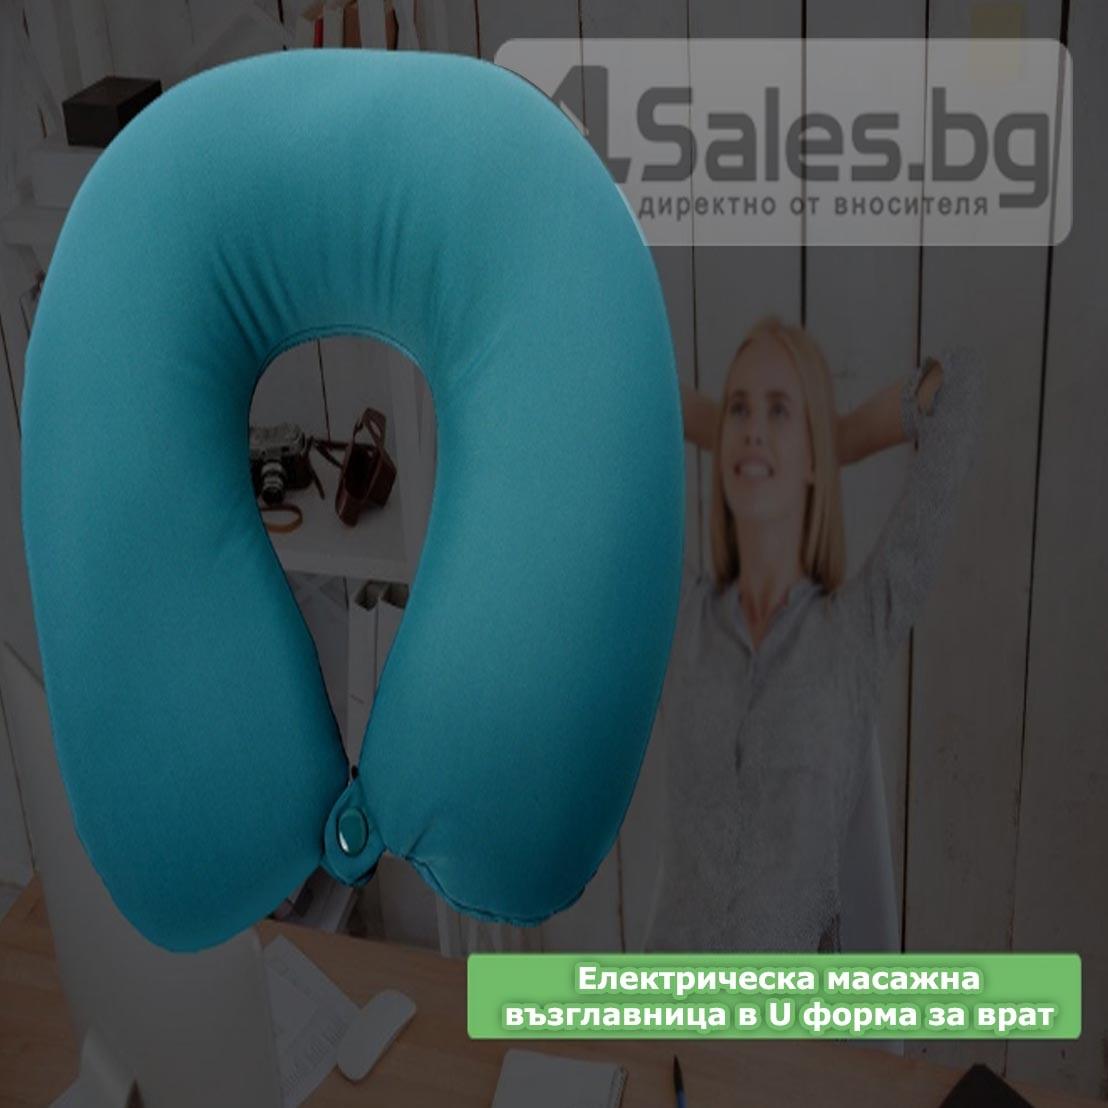 Масажна въглавница от мек дишащ материал TV91 13